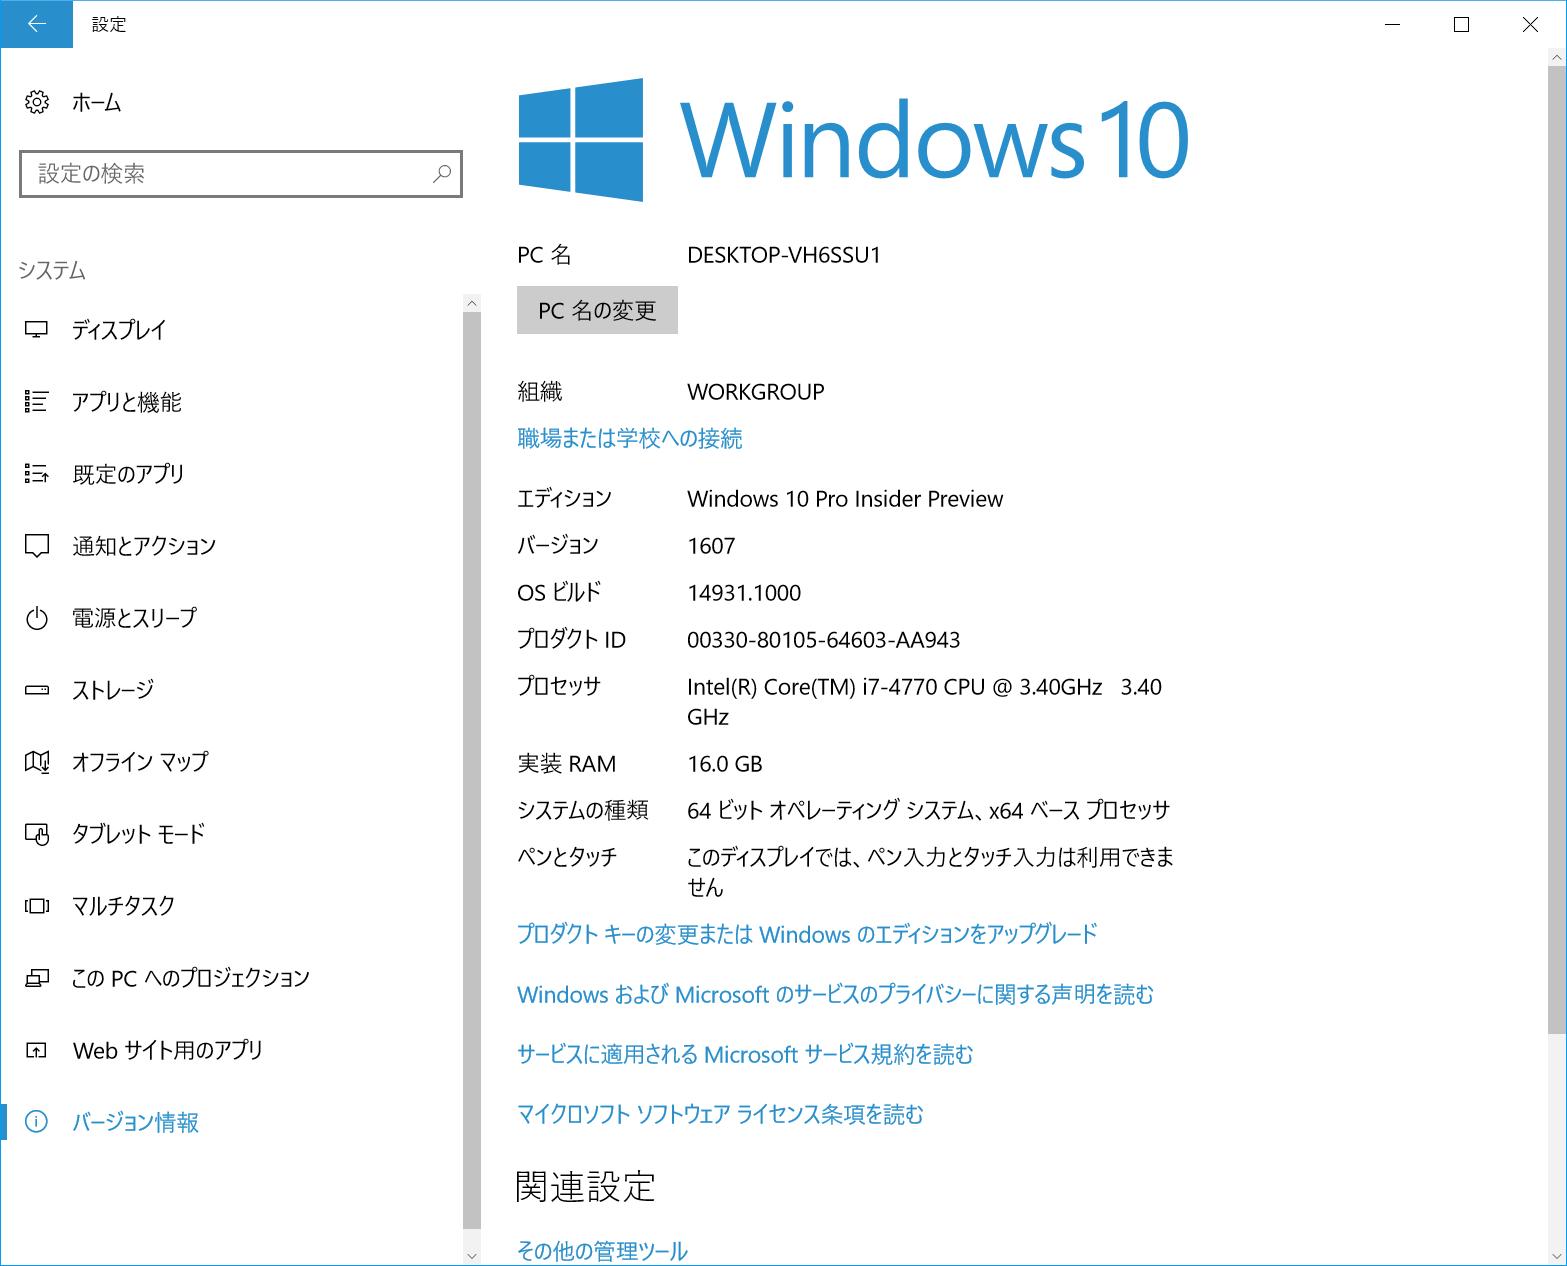 「設定」の[システム]で左側の一覧から[バージョン情報]をクリック。CPUやメモリの情報を確認できる